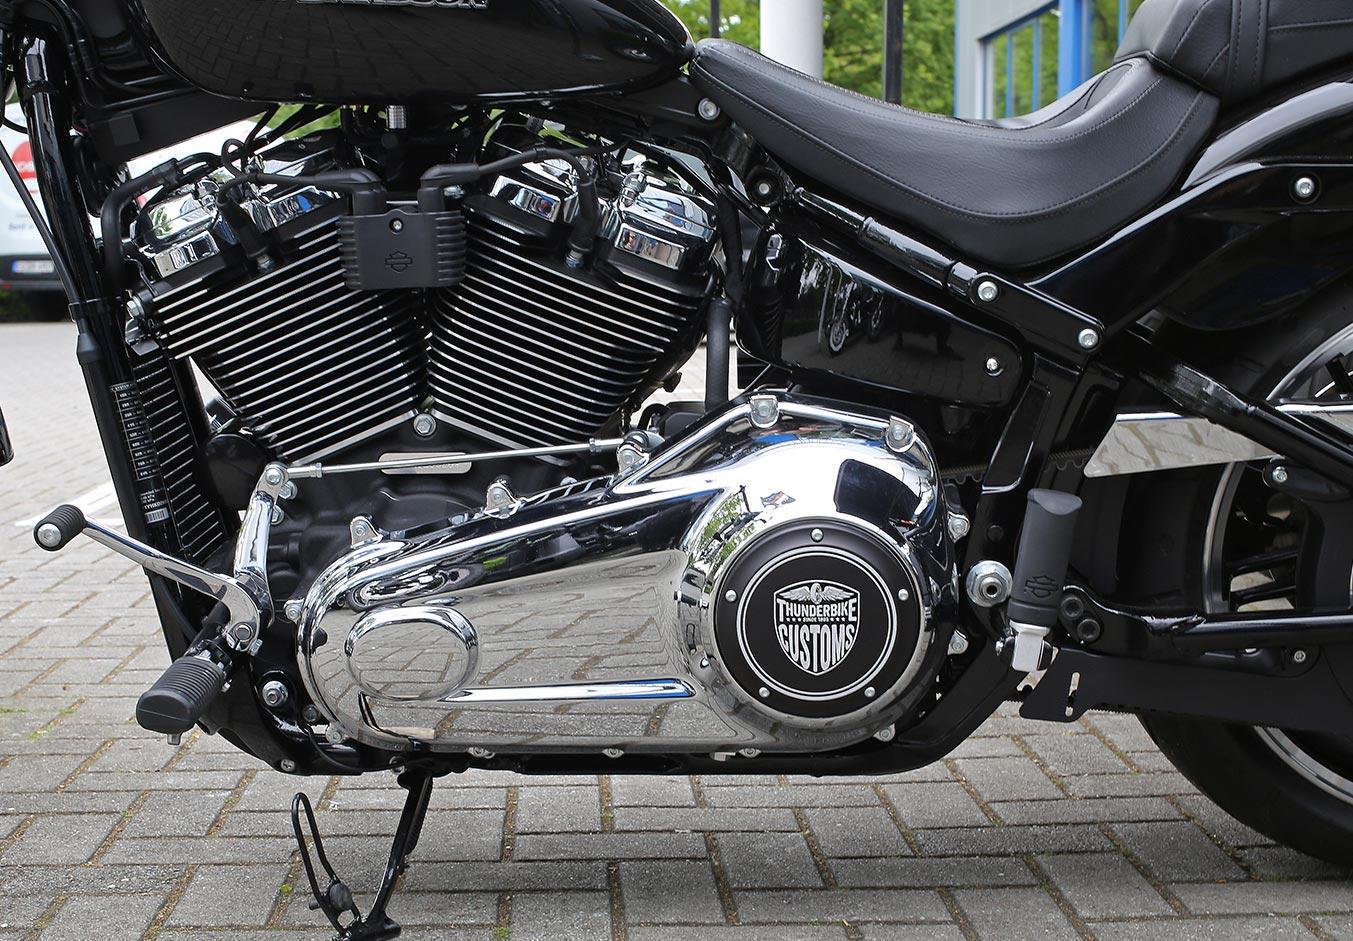 Kupplungsdeckeldichtung für Harley Touring Softail Neu